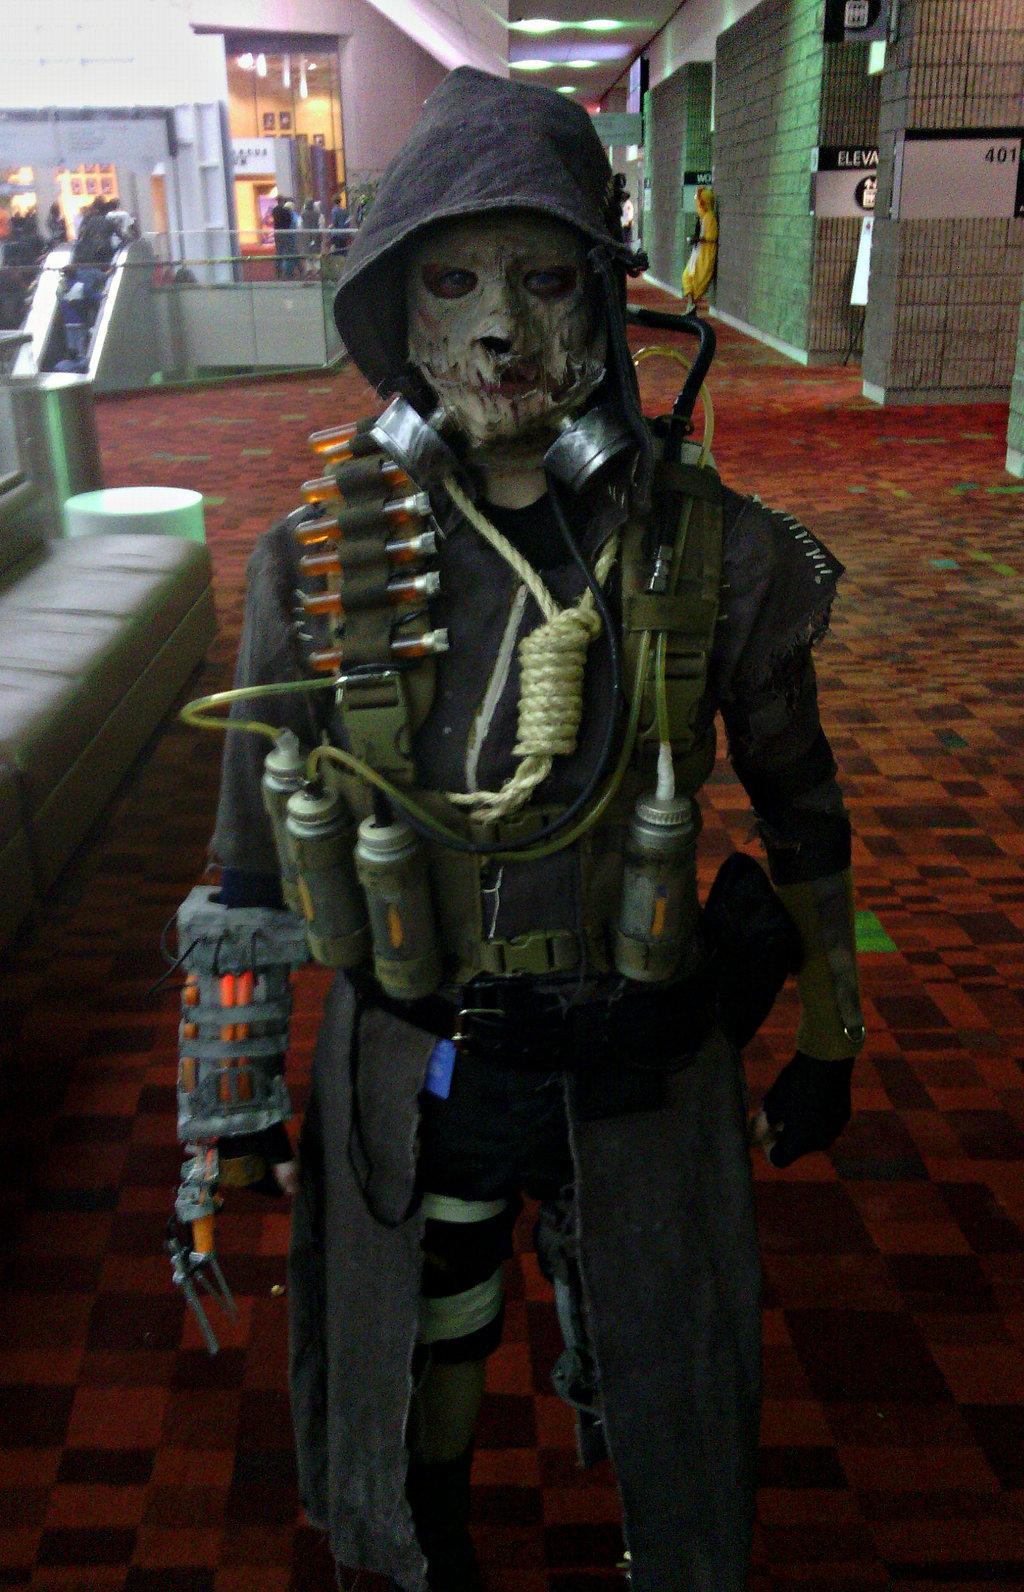 Arkham Knight Scarecrow by CrazyHarrison 1024x1592